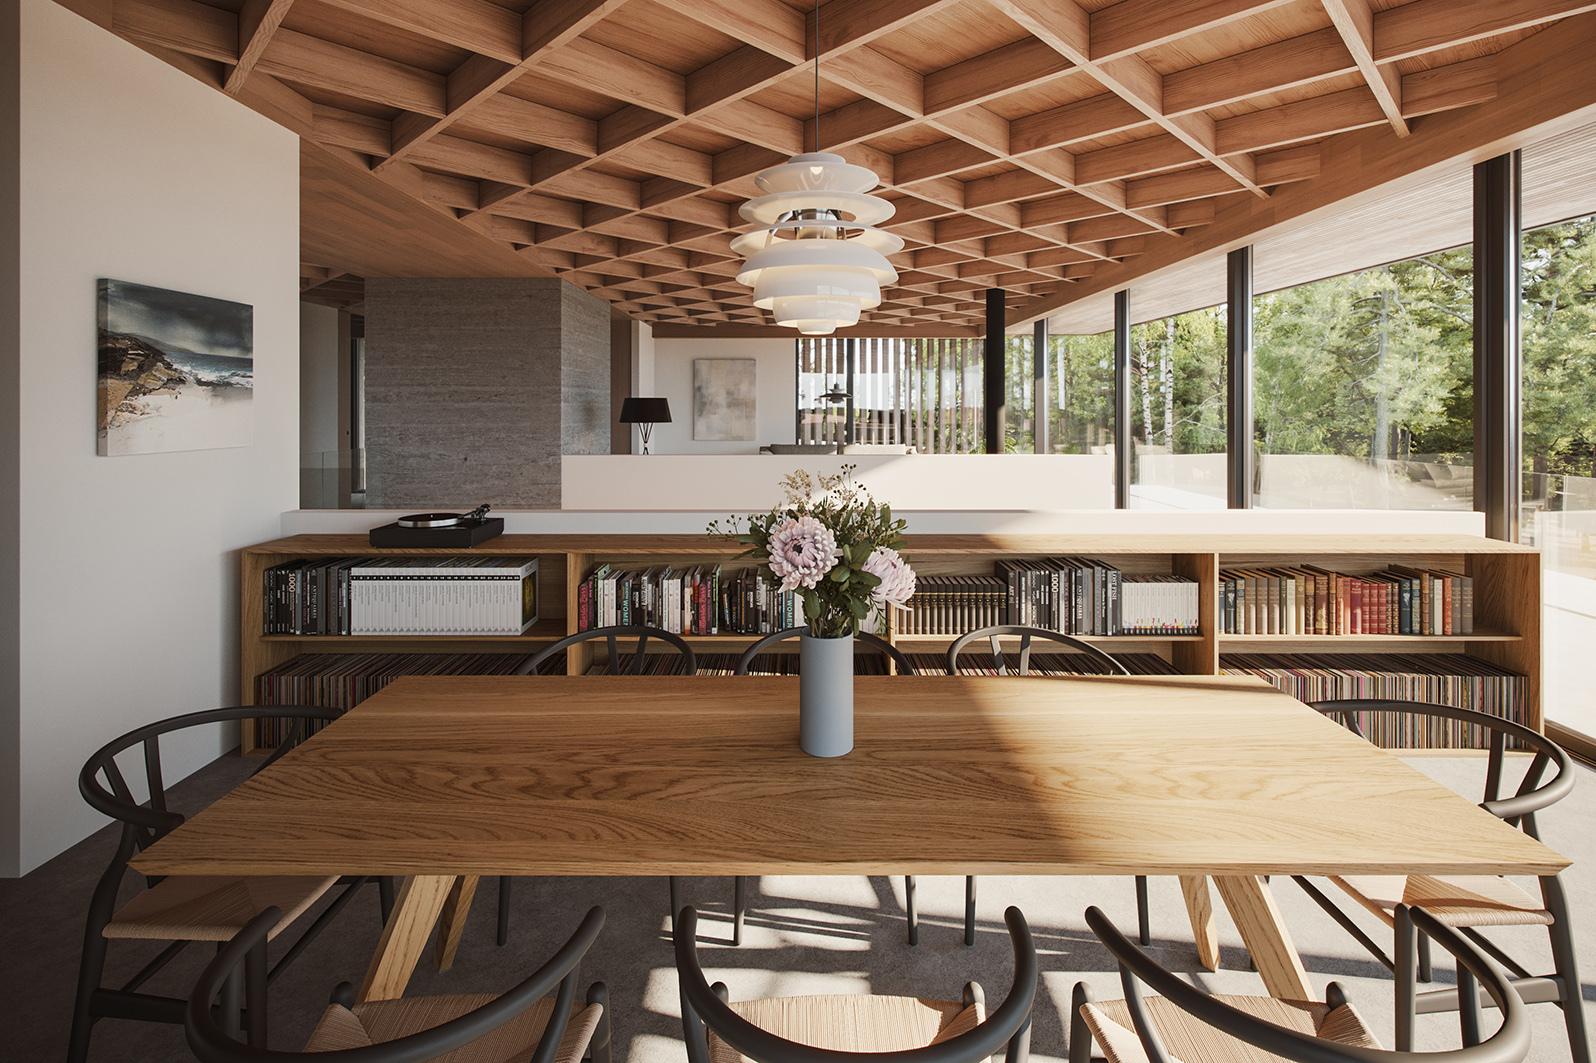 Lynwood-Internal-Brown-and-Brown-architects-web-011_2021-06-03-143258_gwkp.jpg